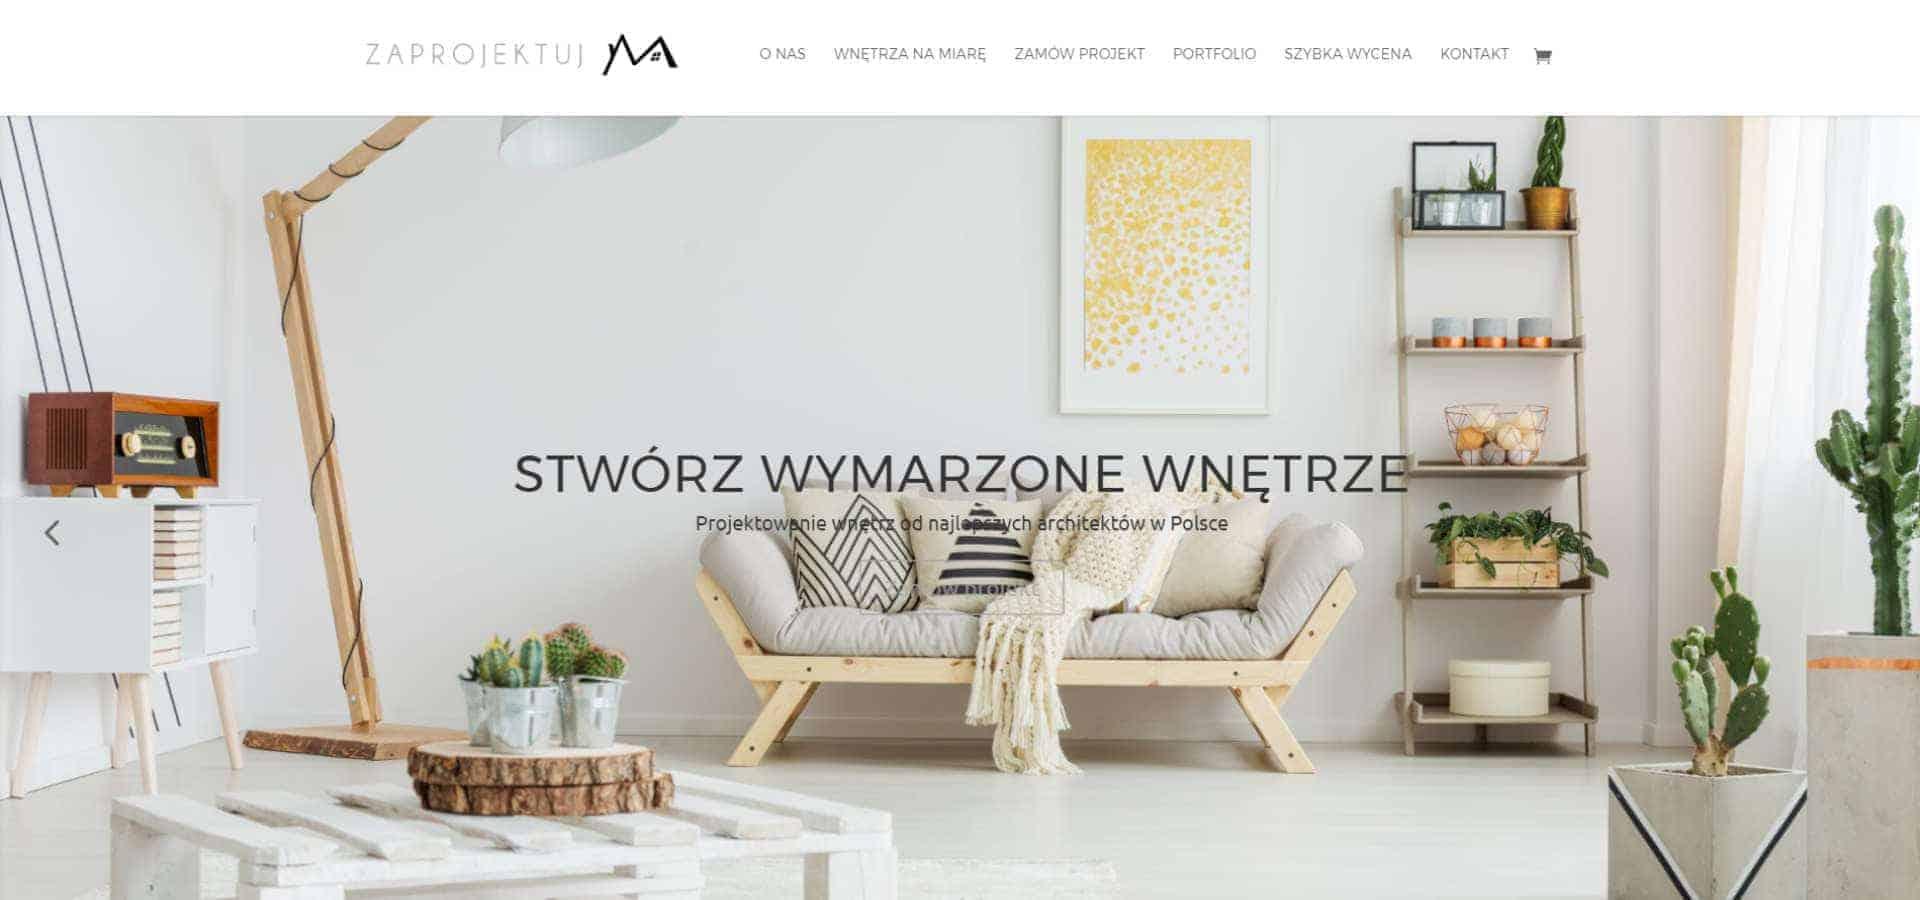 Portal z usługami projektowania wnętrz - Zaprojektuj M - slider